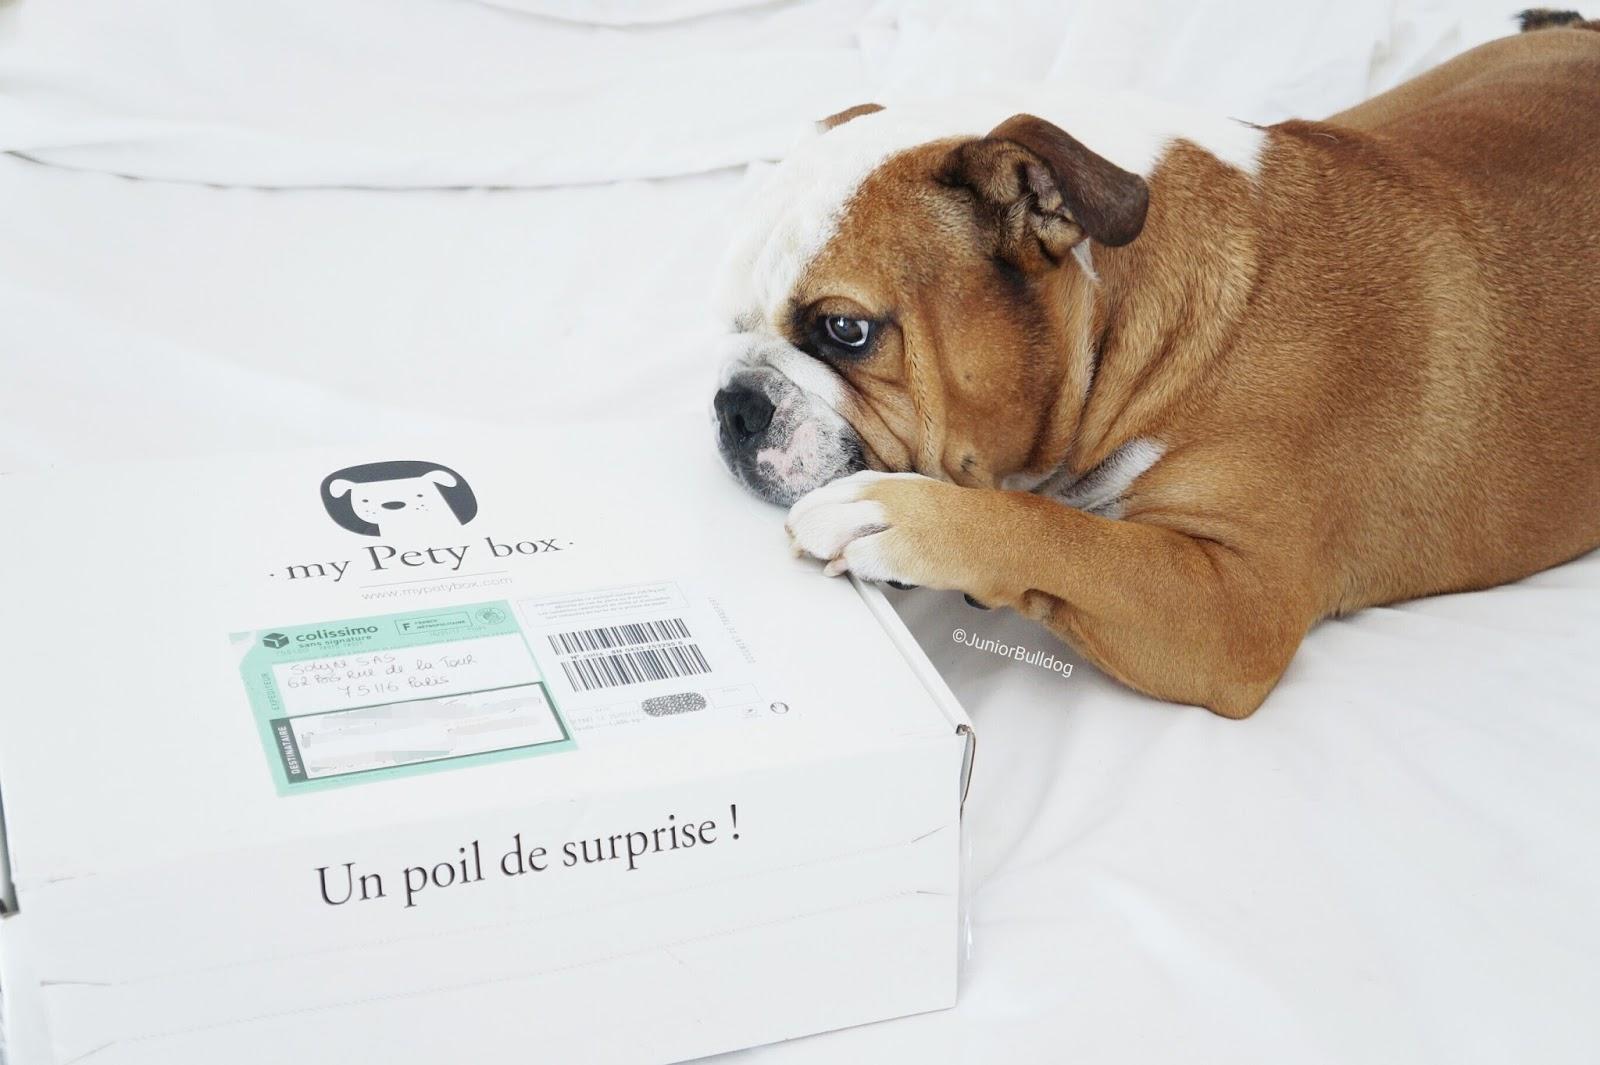 dog box box pour chien my pety box